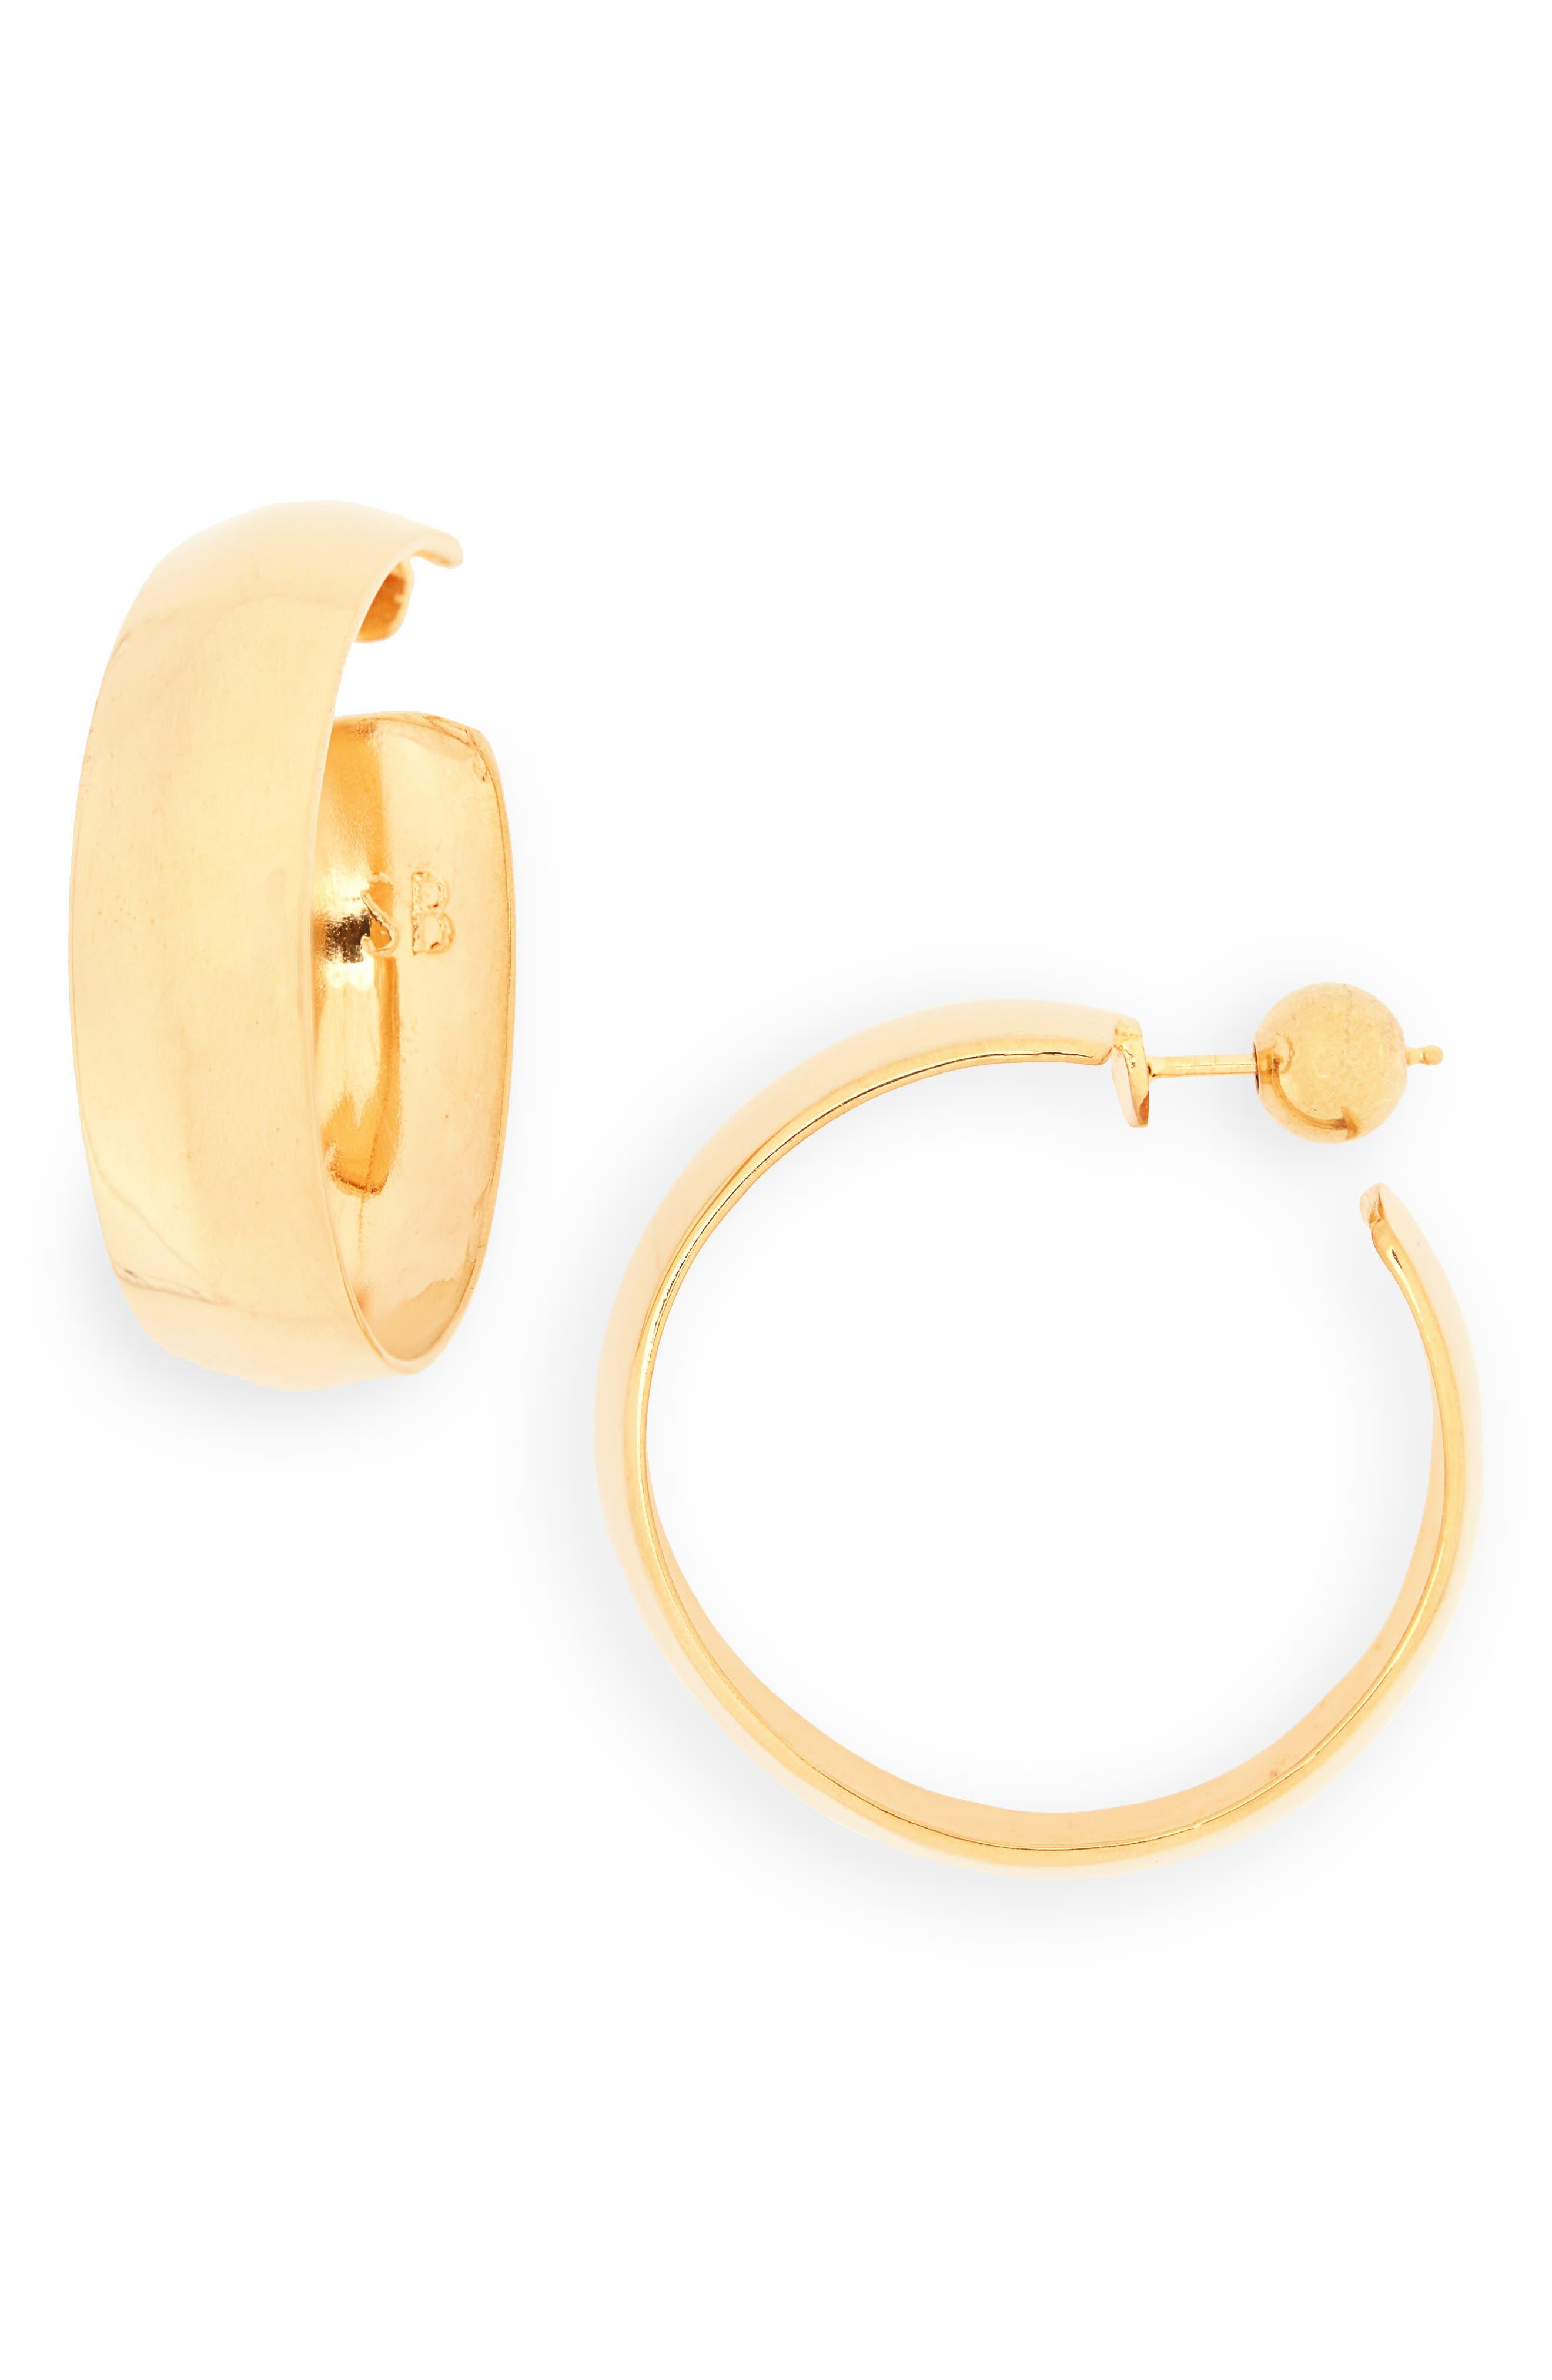 Large Zora Vermeil Hoop Earrings,                         Main,                         color, 18K GOLD VERMEIL